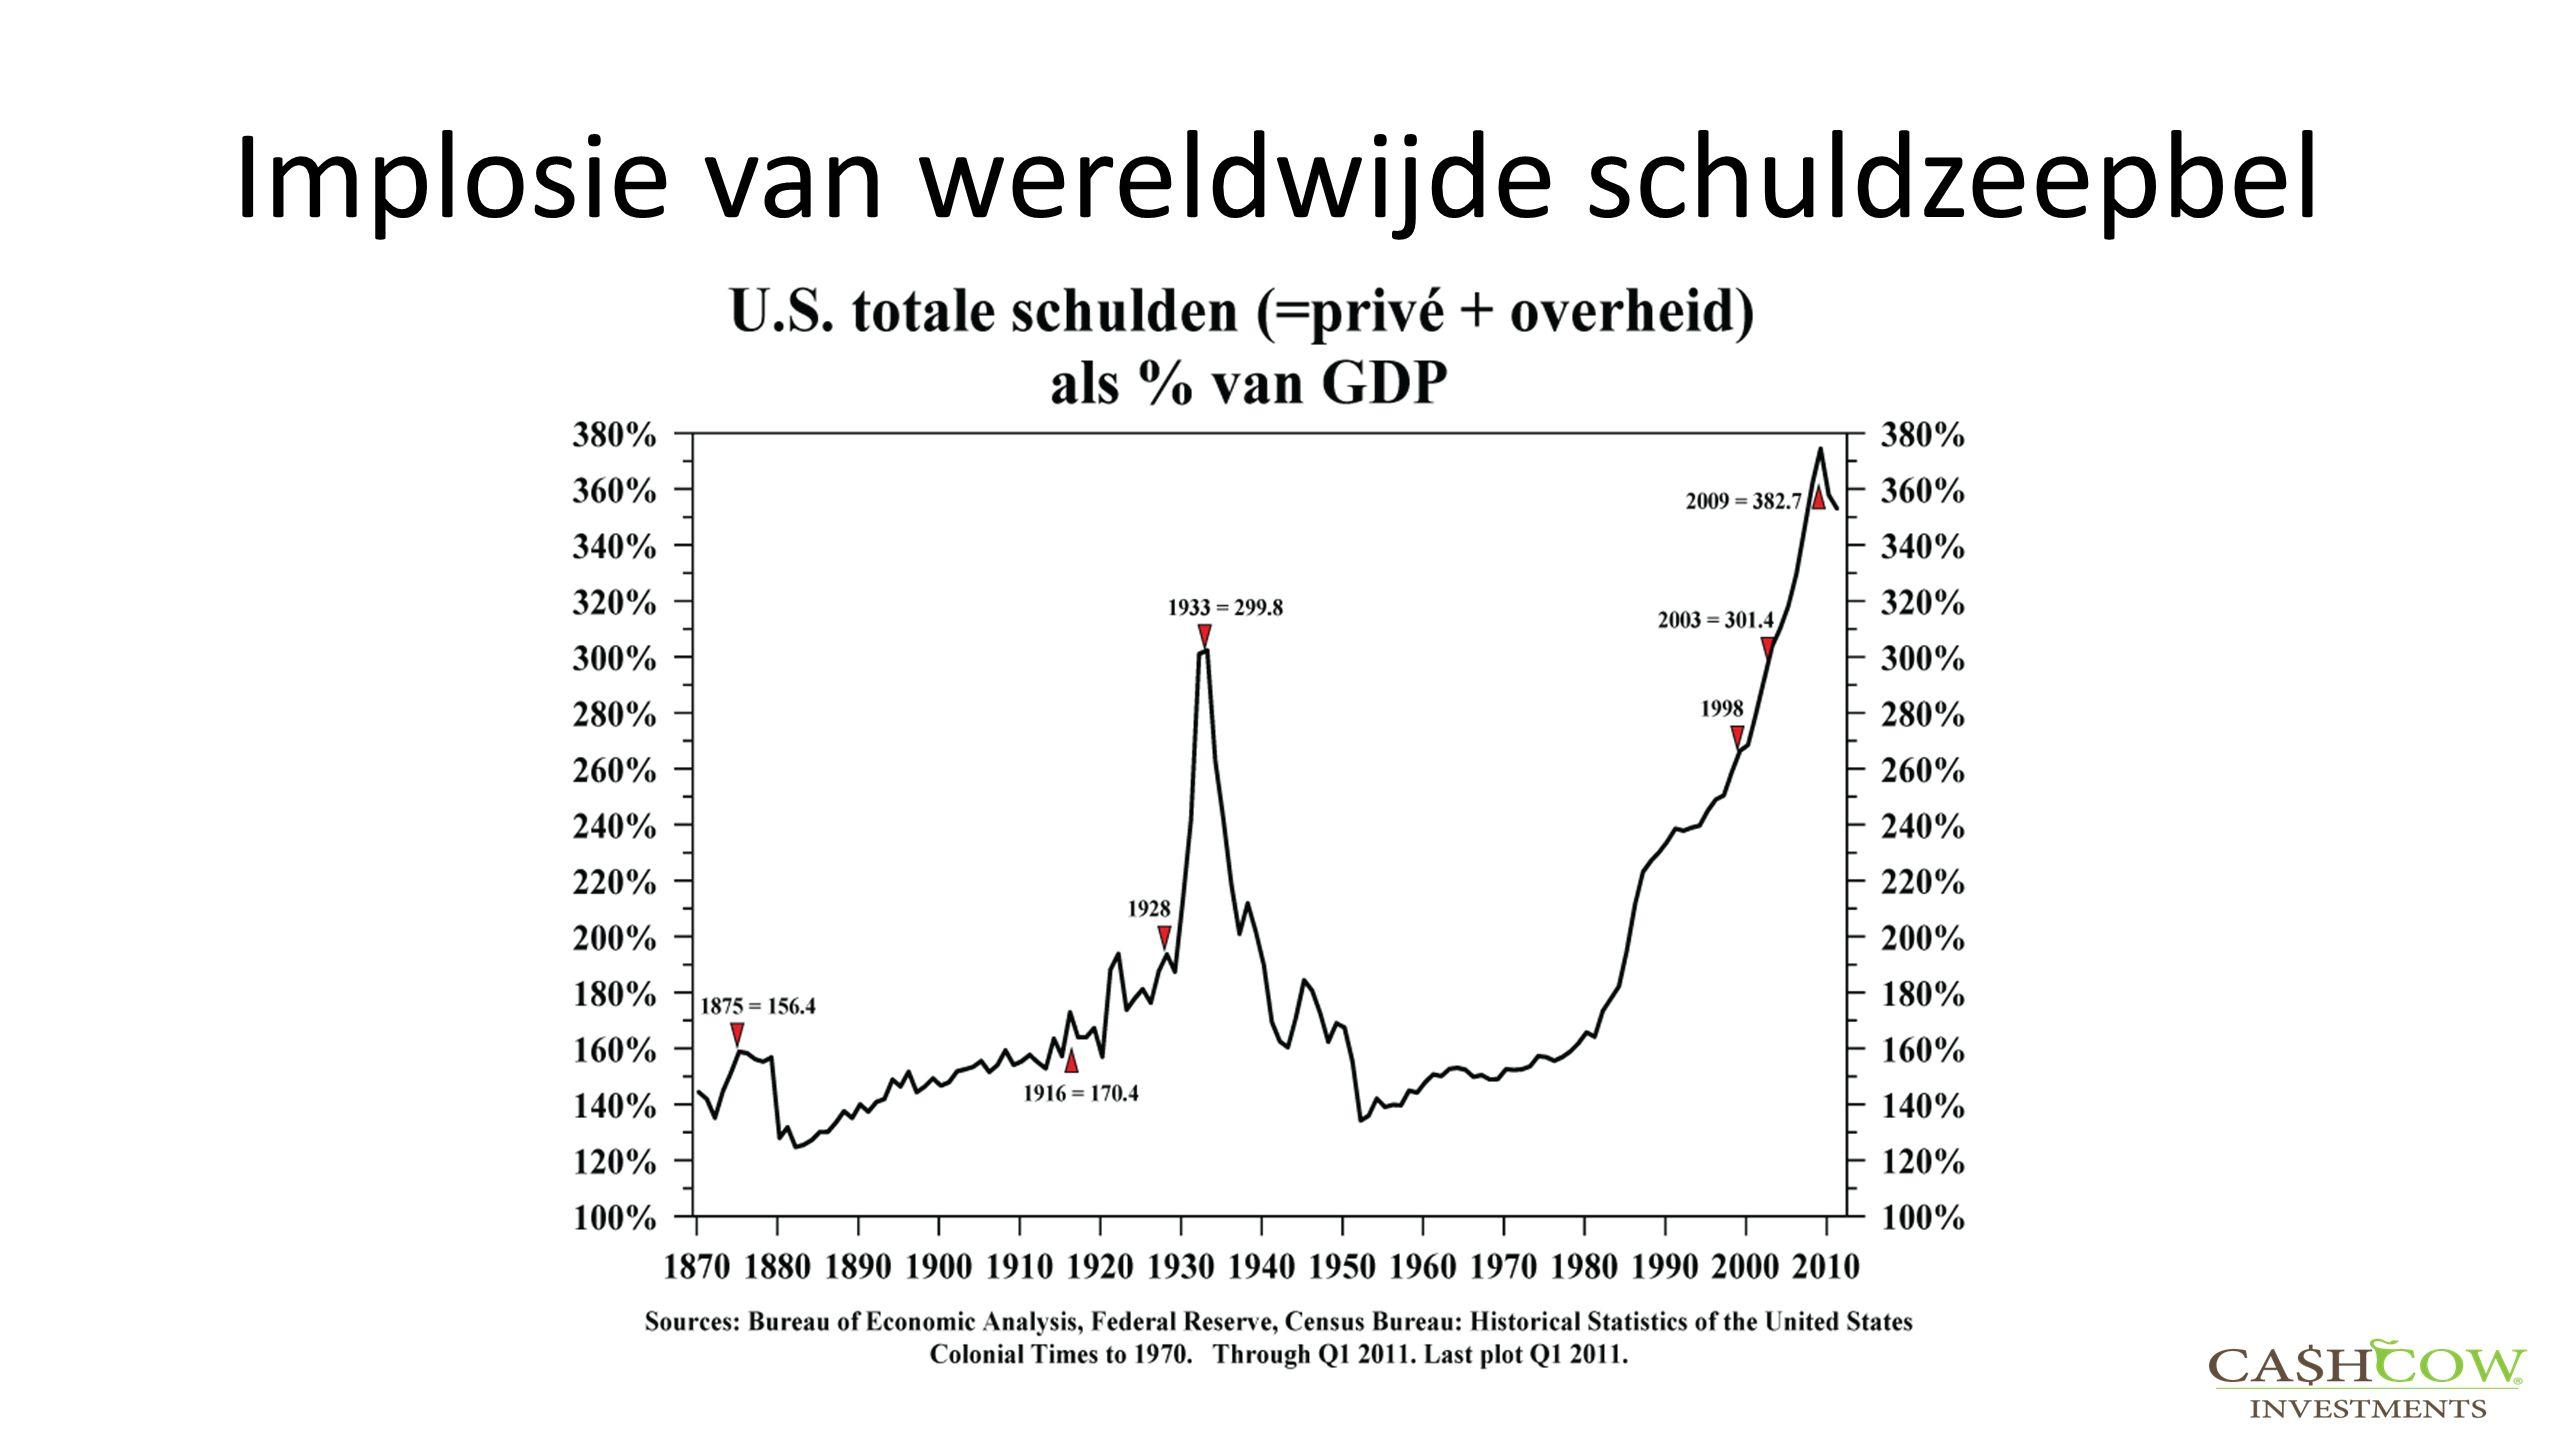 Implosie van wereldwijde schuldzeepbel